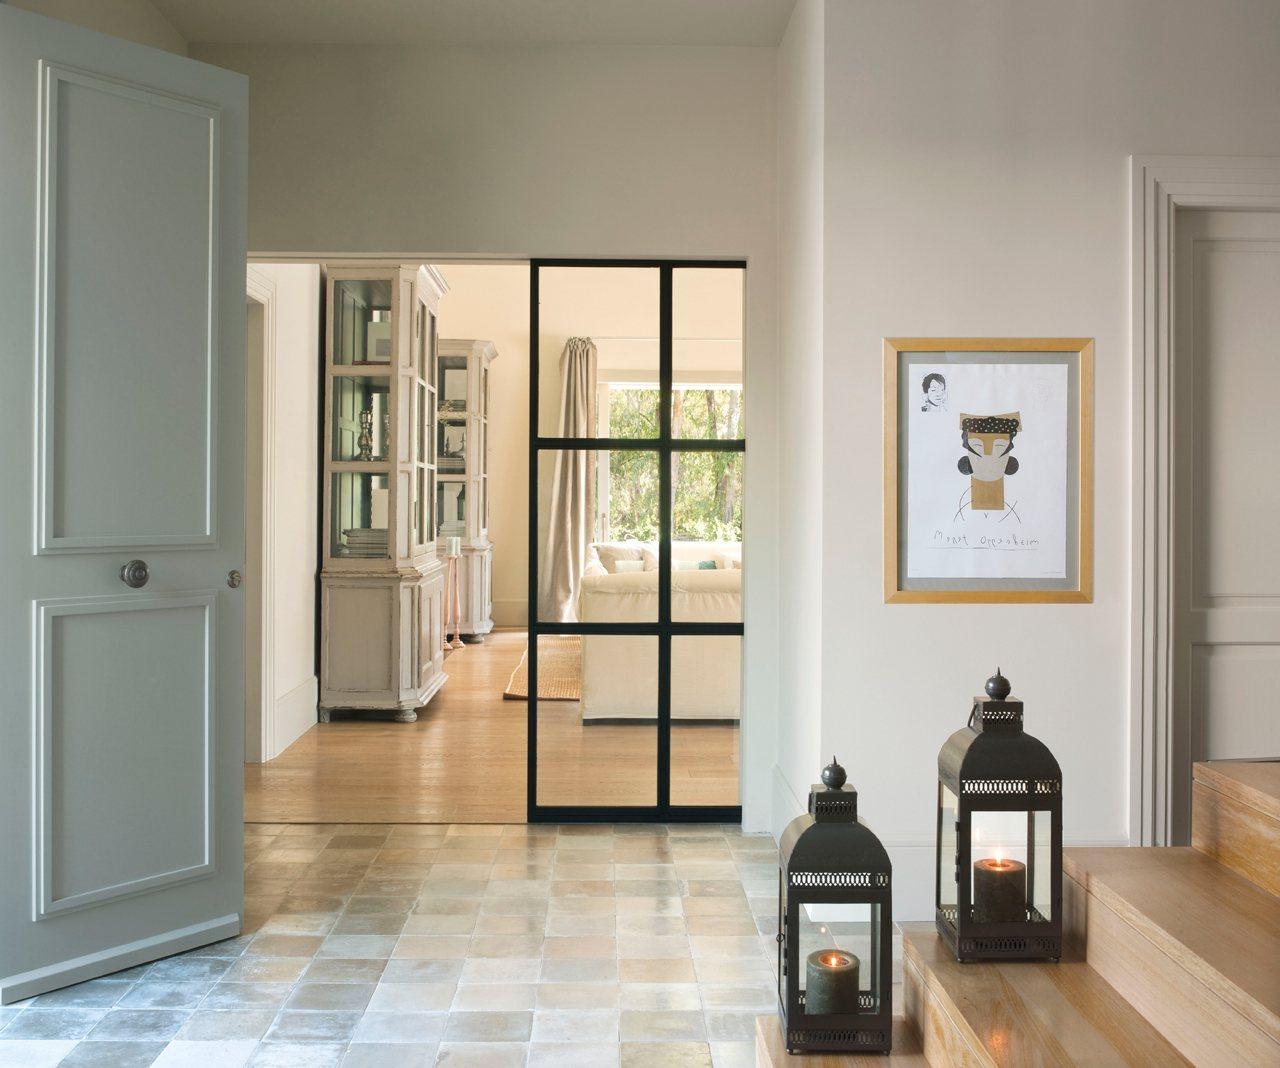 Instala paredes de cristal y gana luz y amplitud en casa - Cristal puerta salon ...